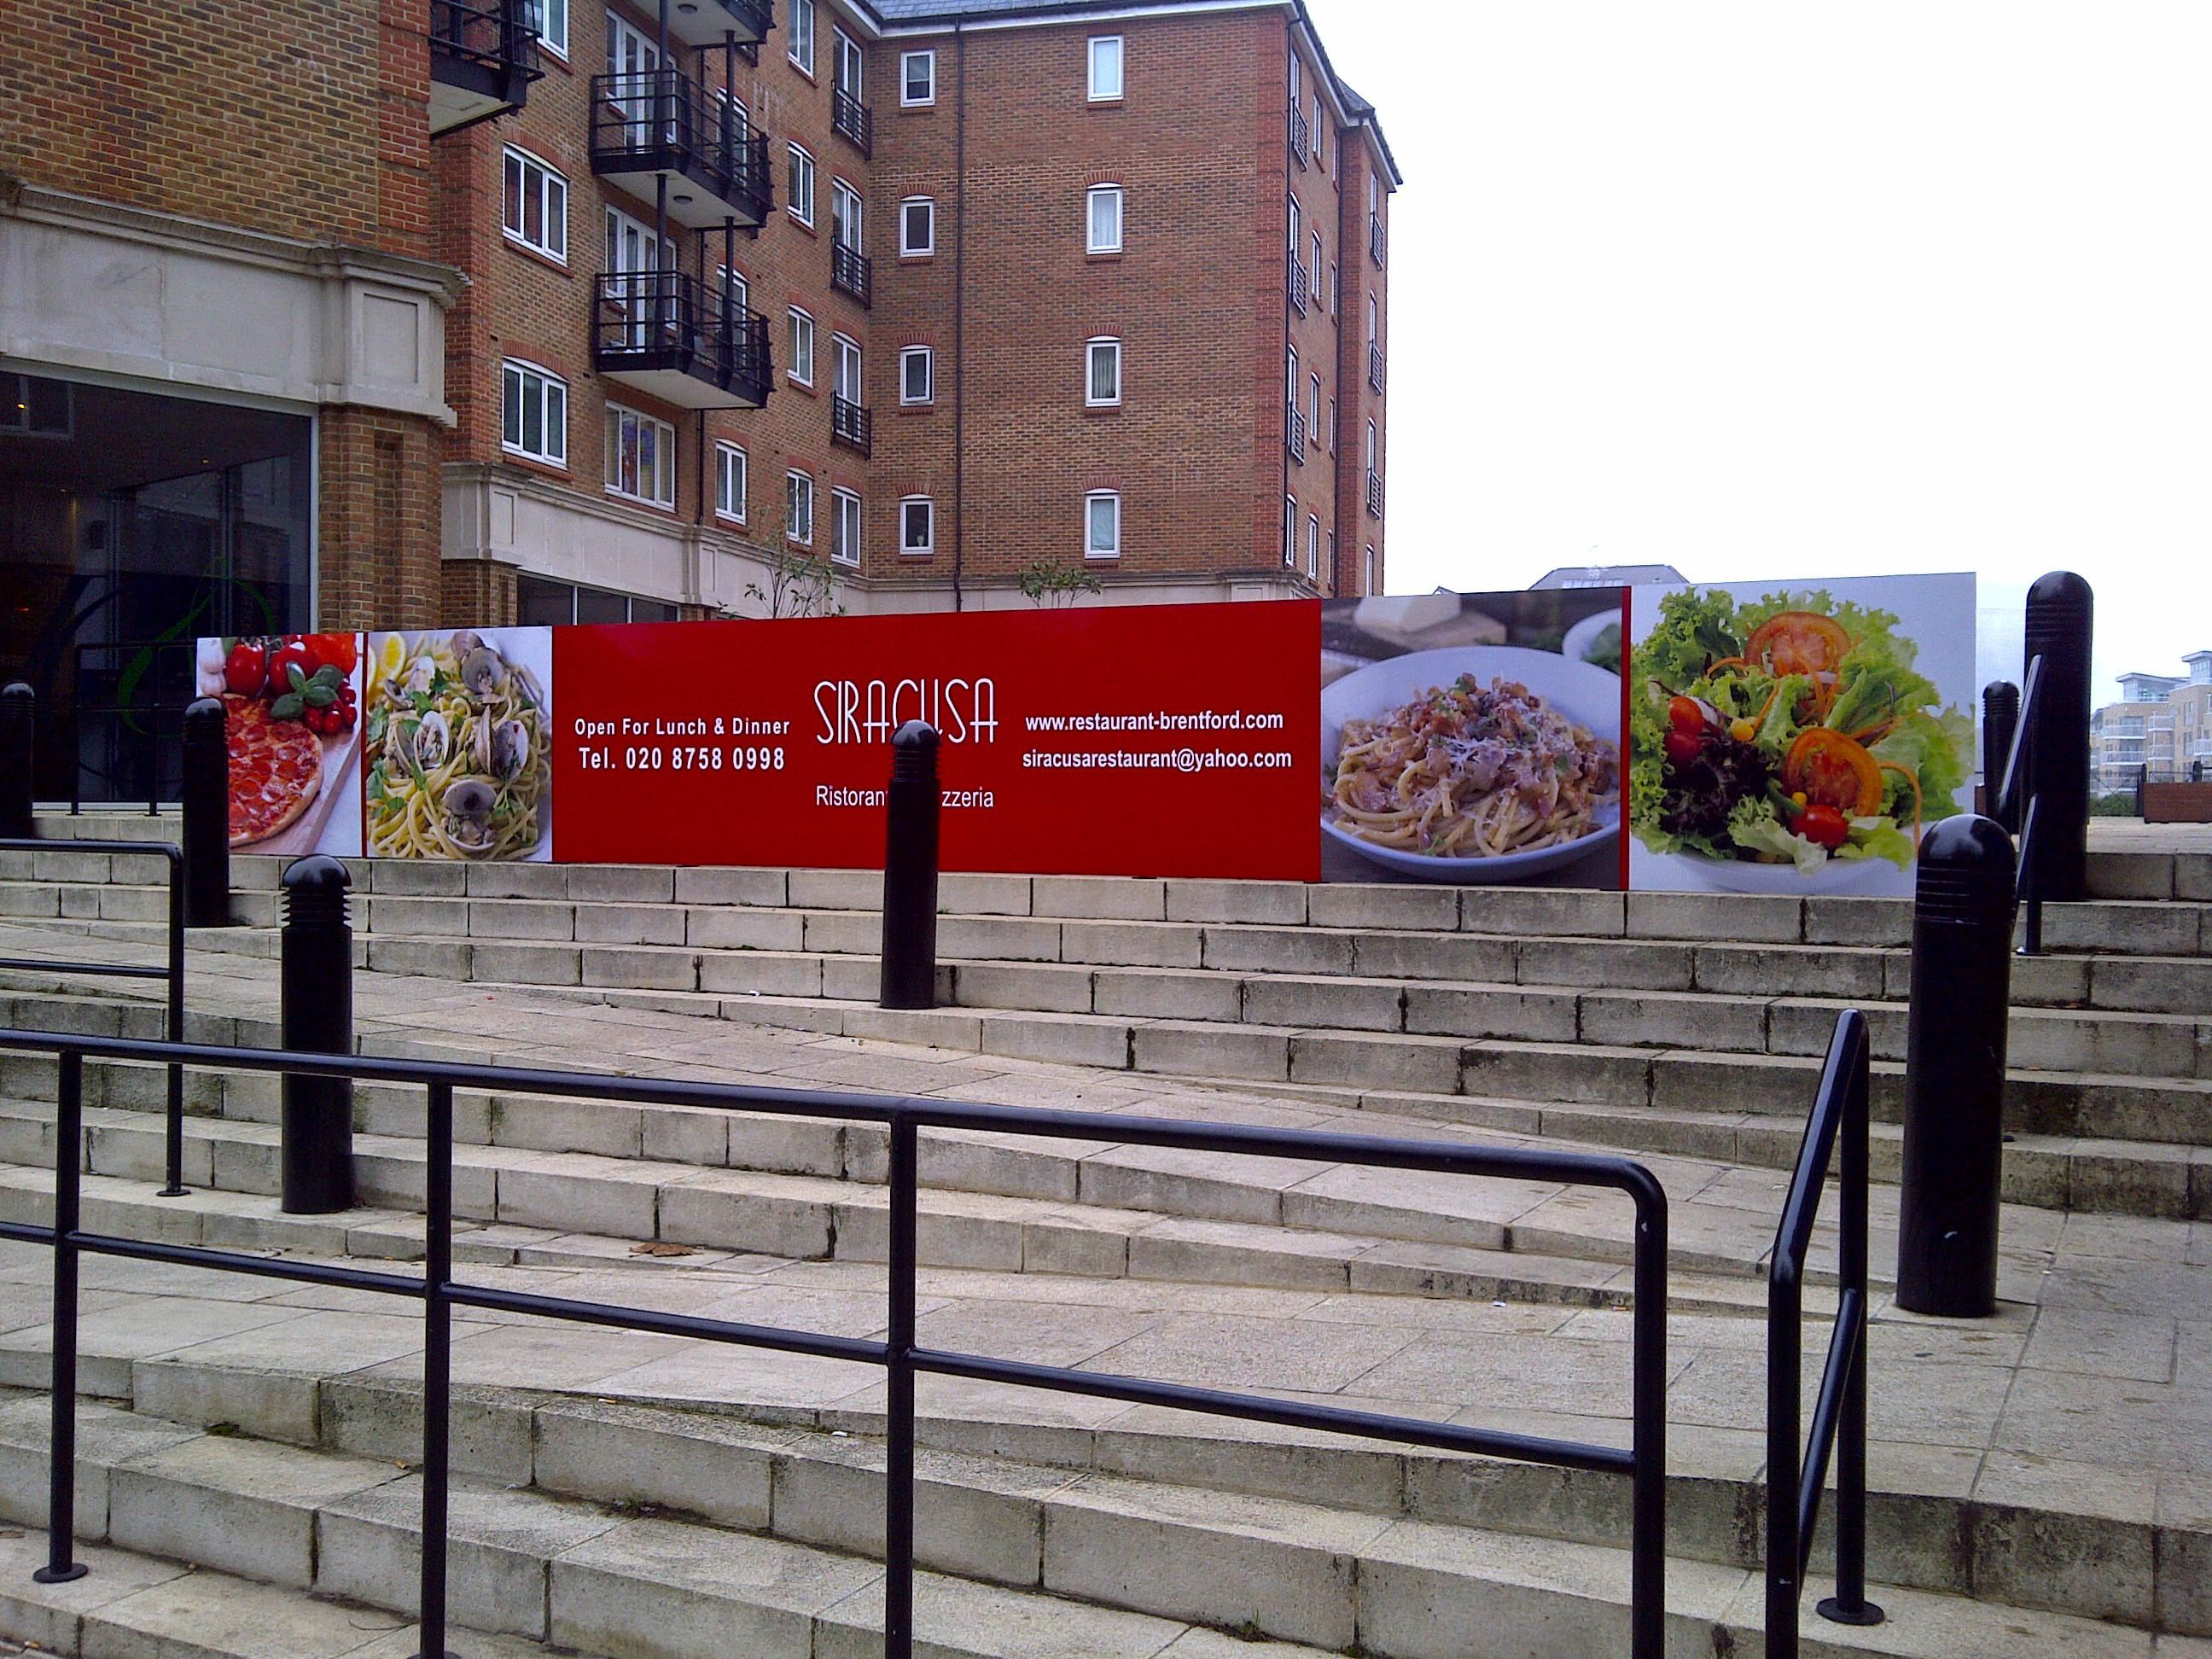 Restaurant sign - Brentford